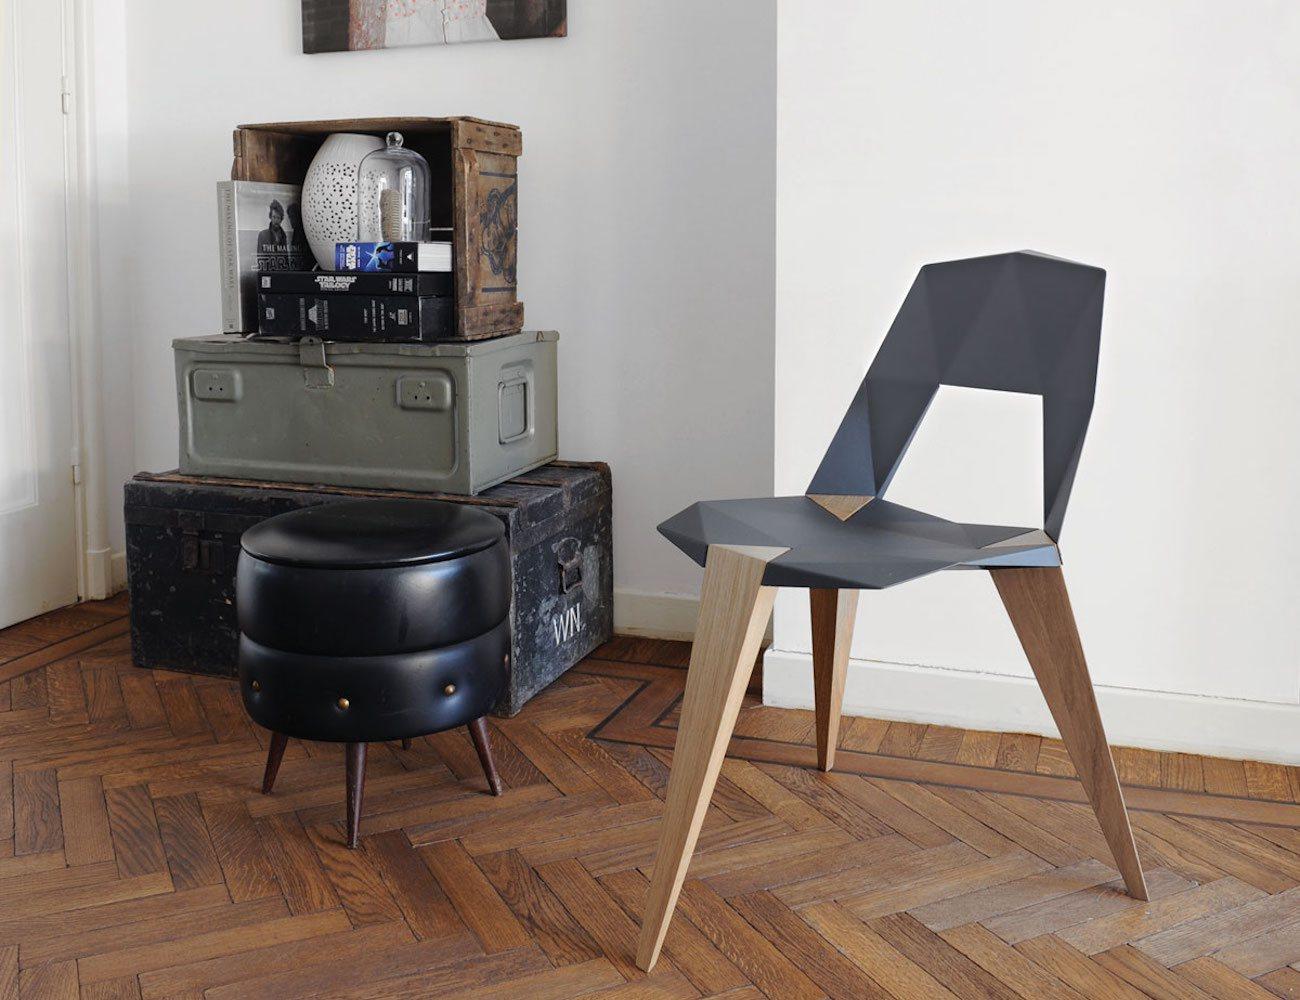 pythagoras-chair-by-sander-mulder-01